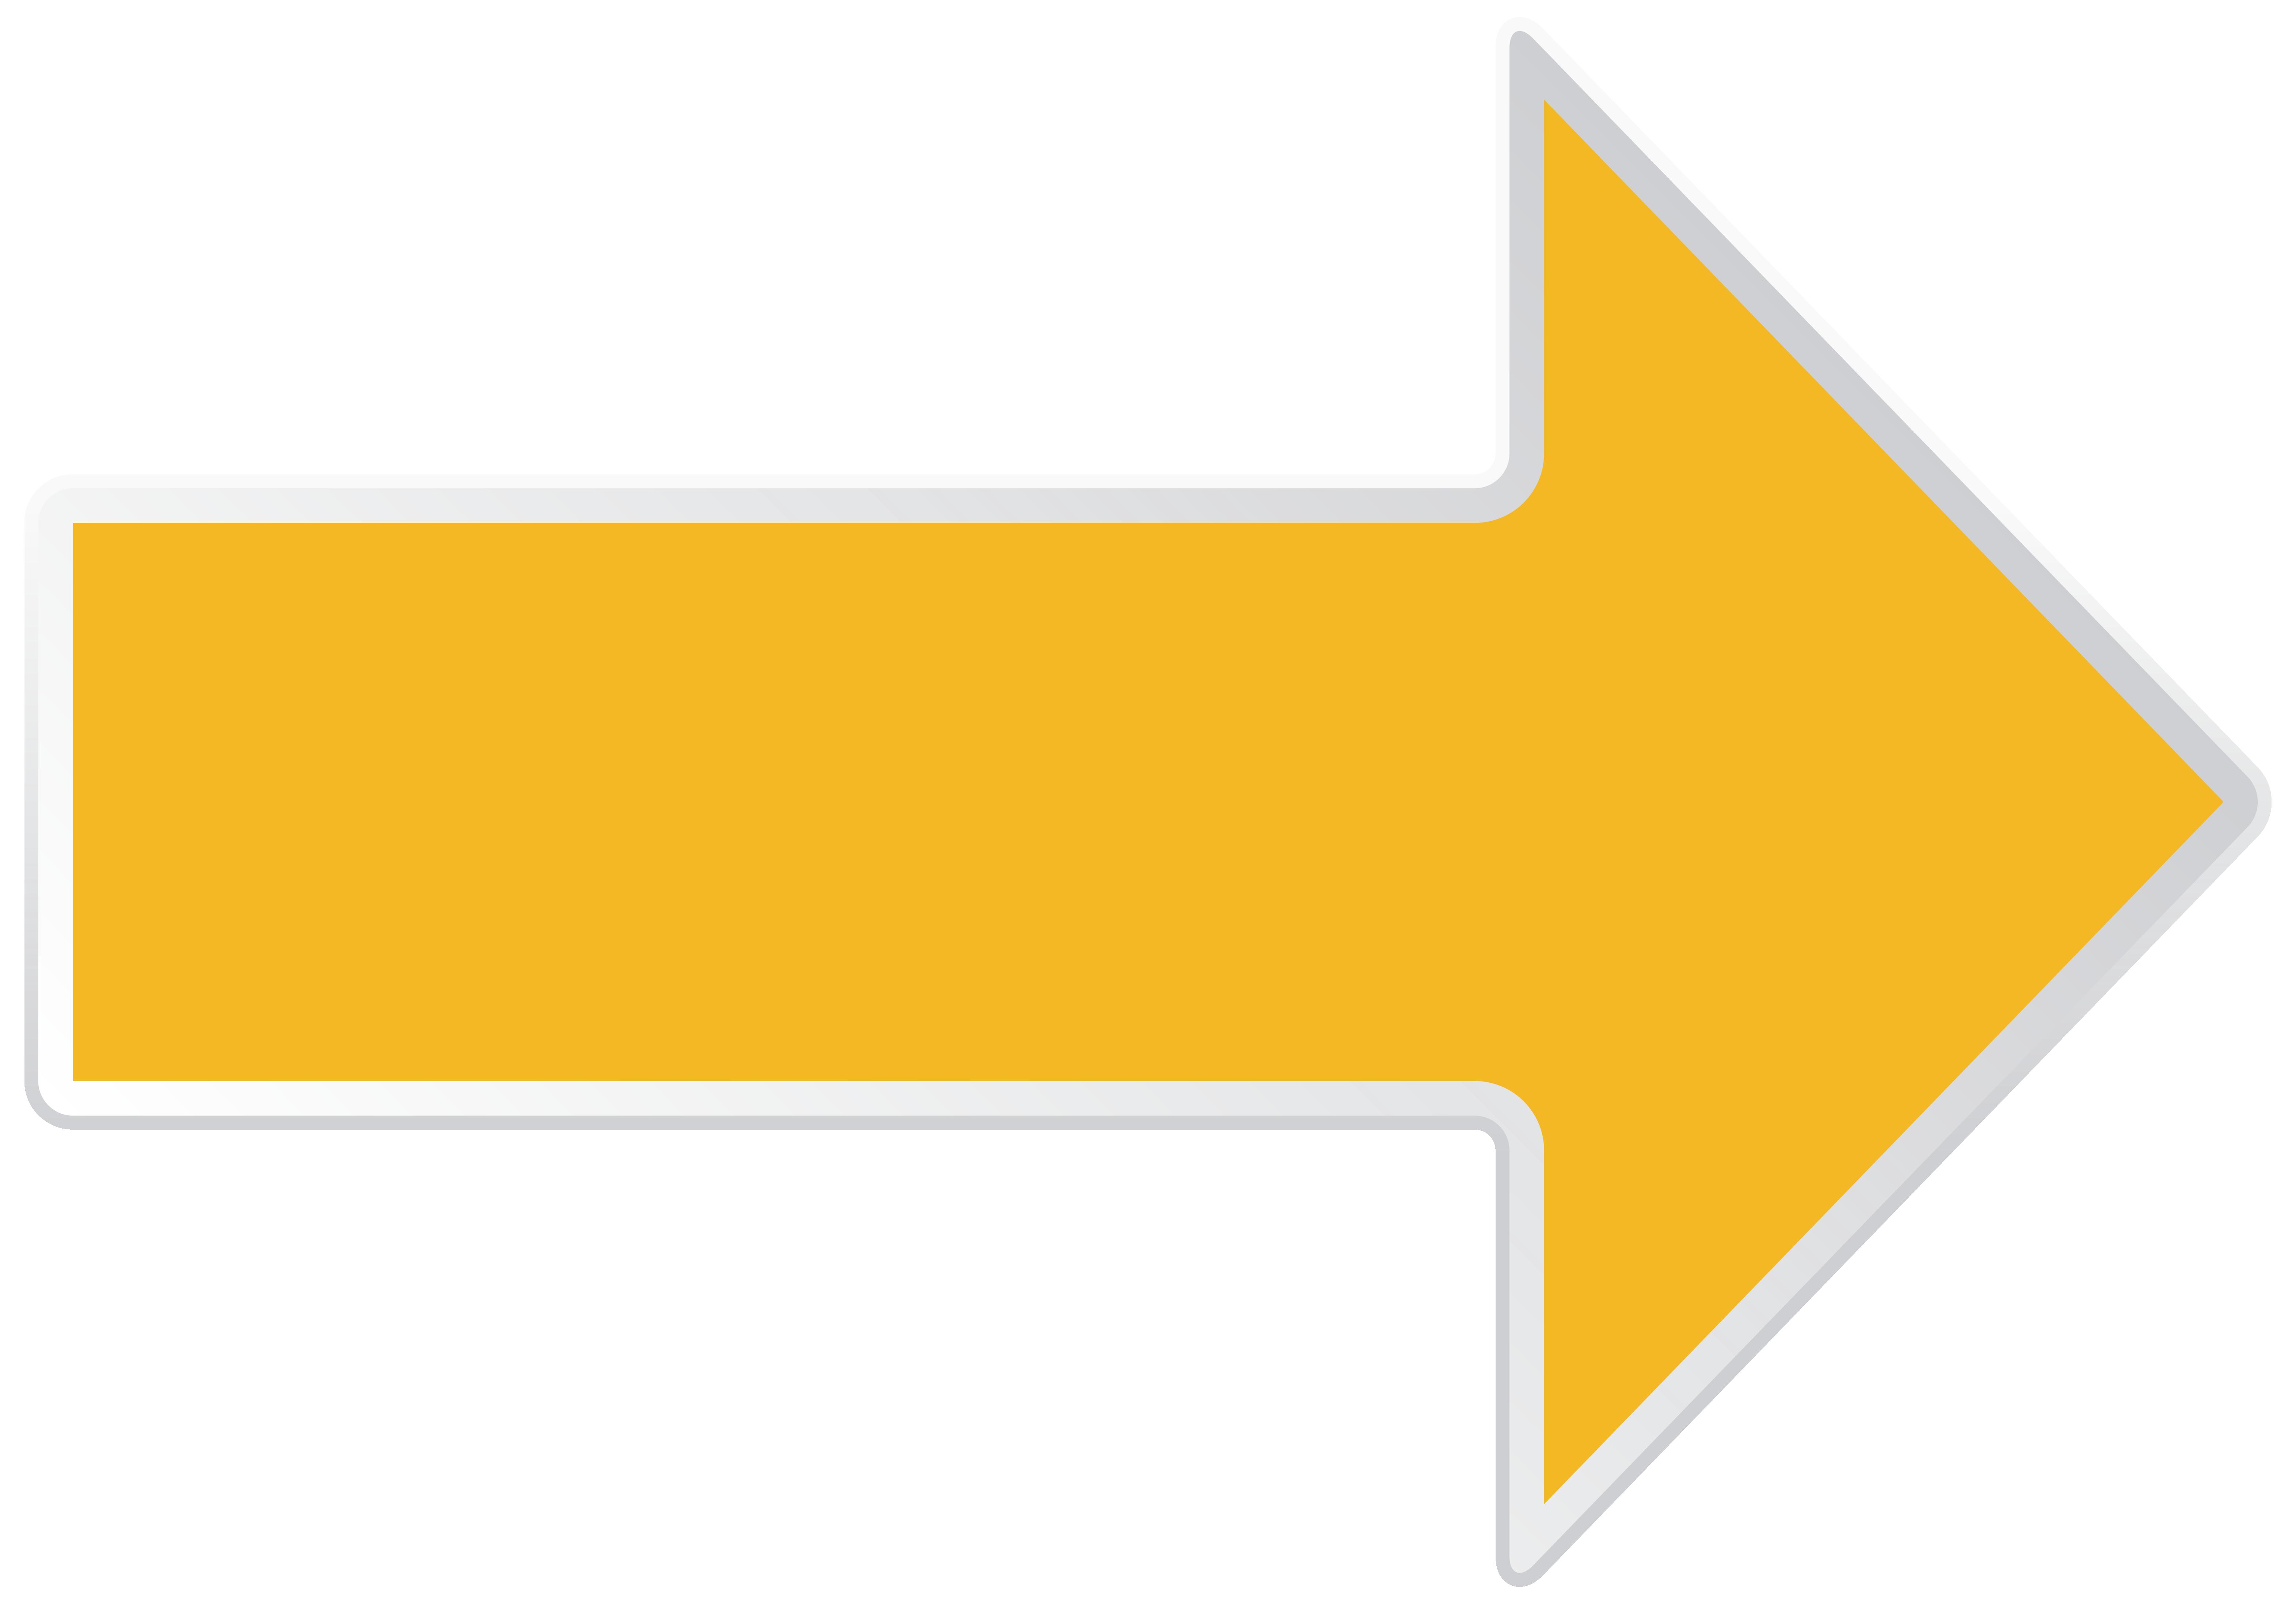 Module 2: Funnel Types - LINEAR